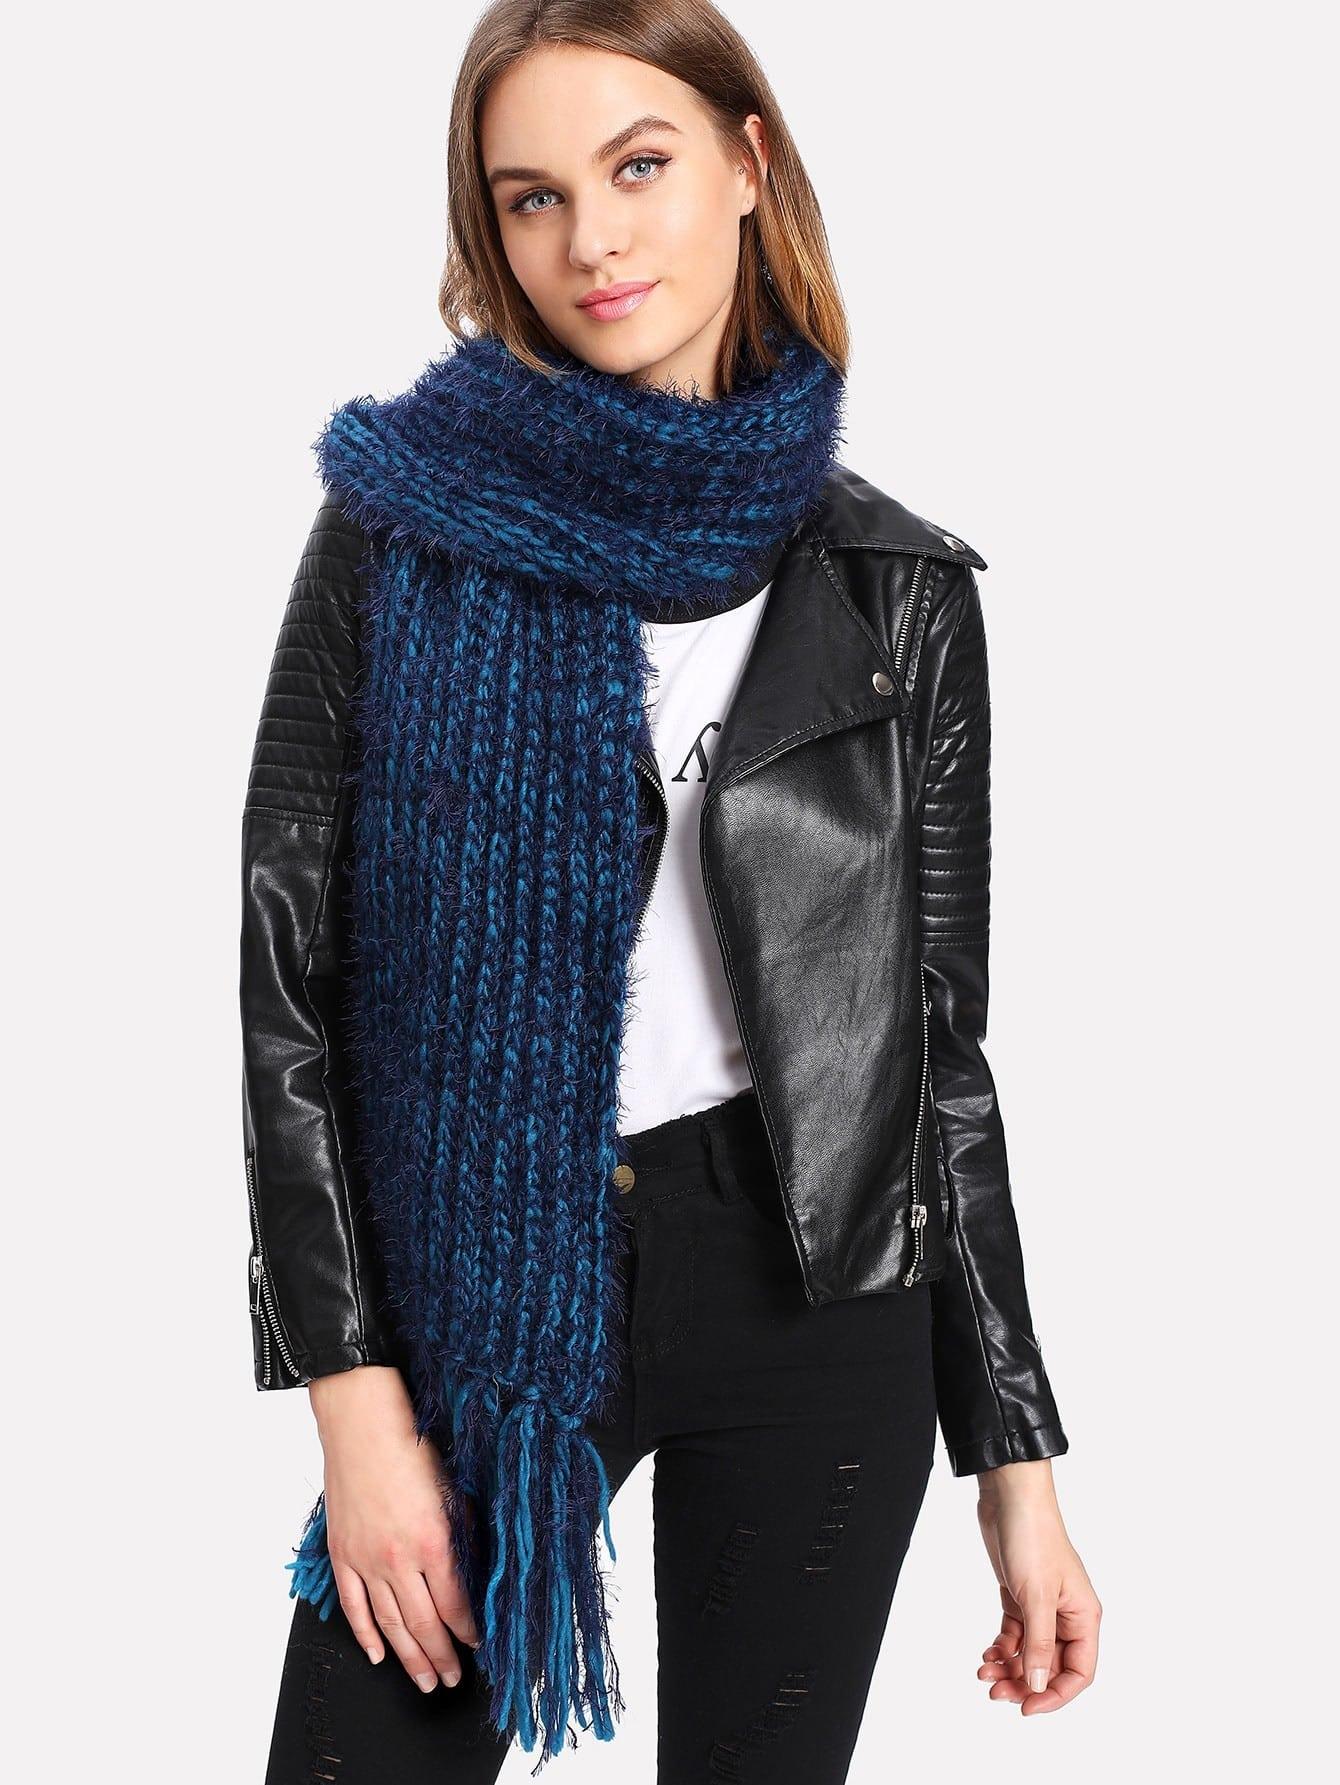 Fringe Trim Knit Scarf шарф fundamentals knit scarf